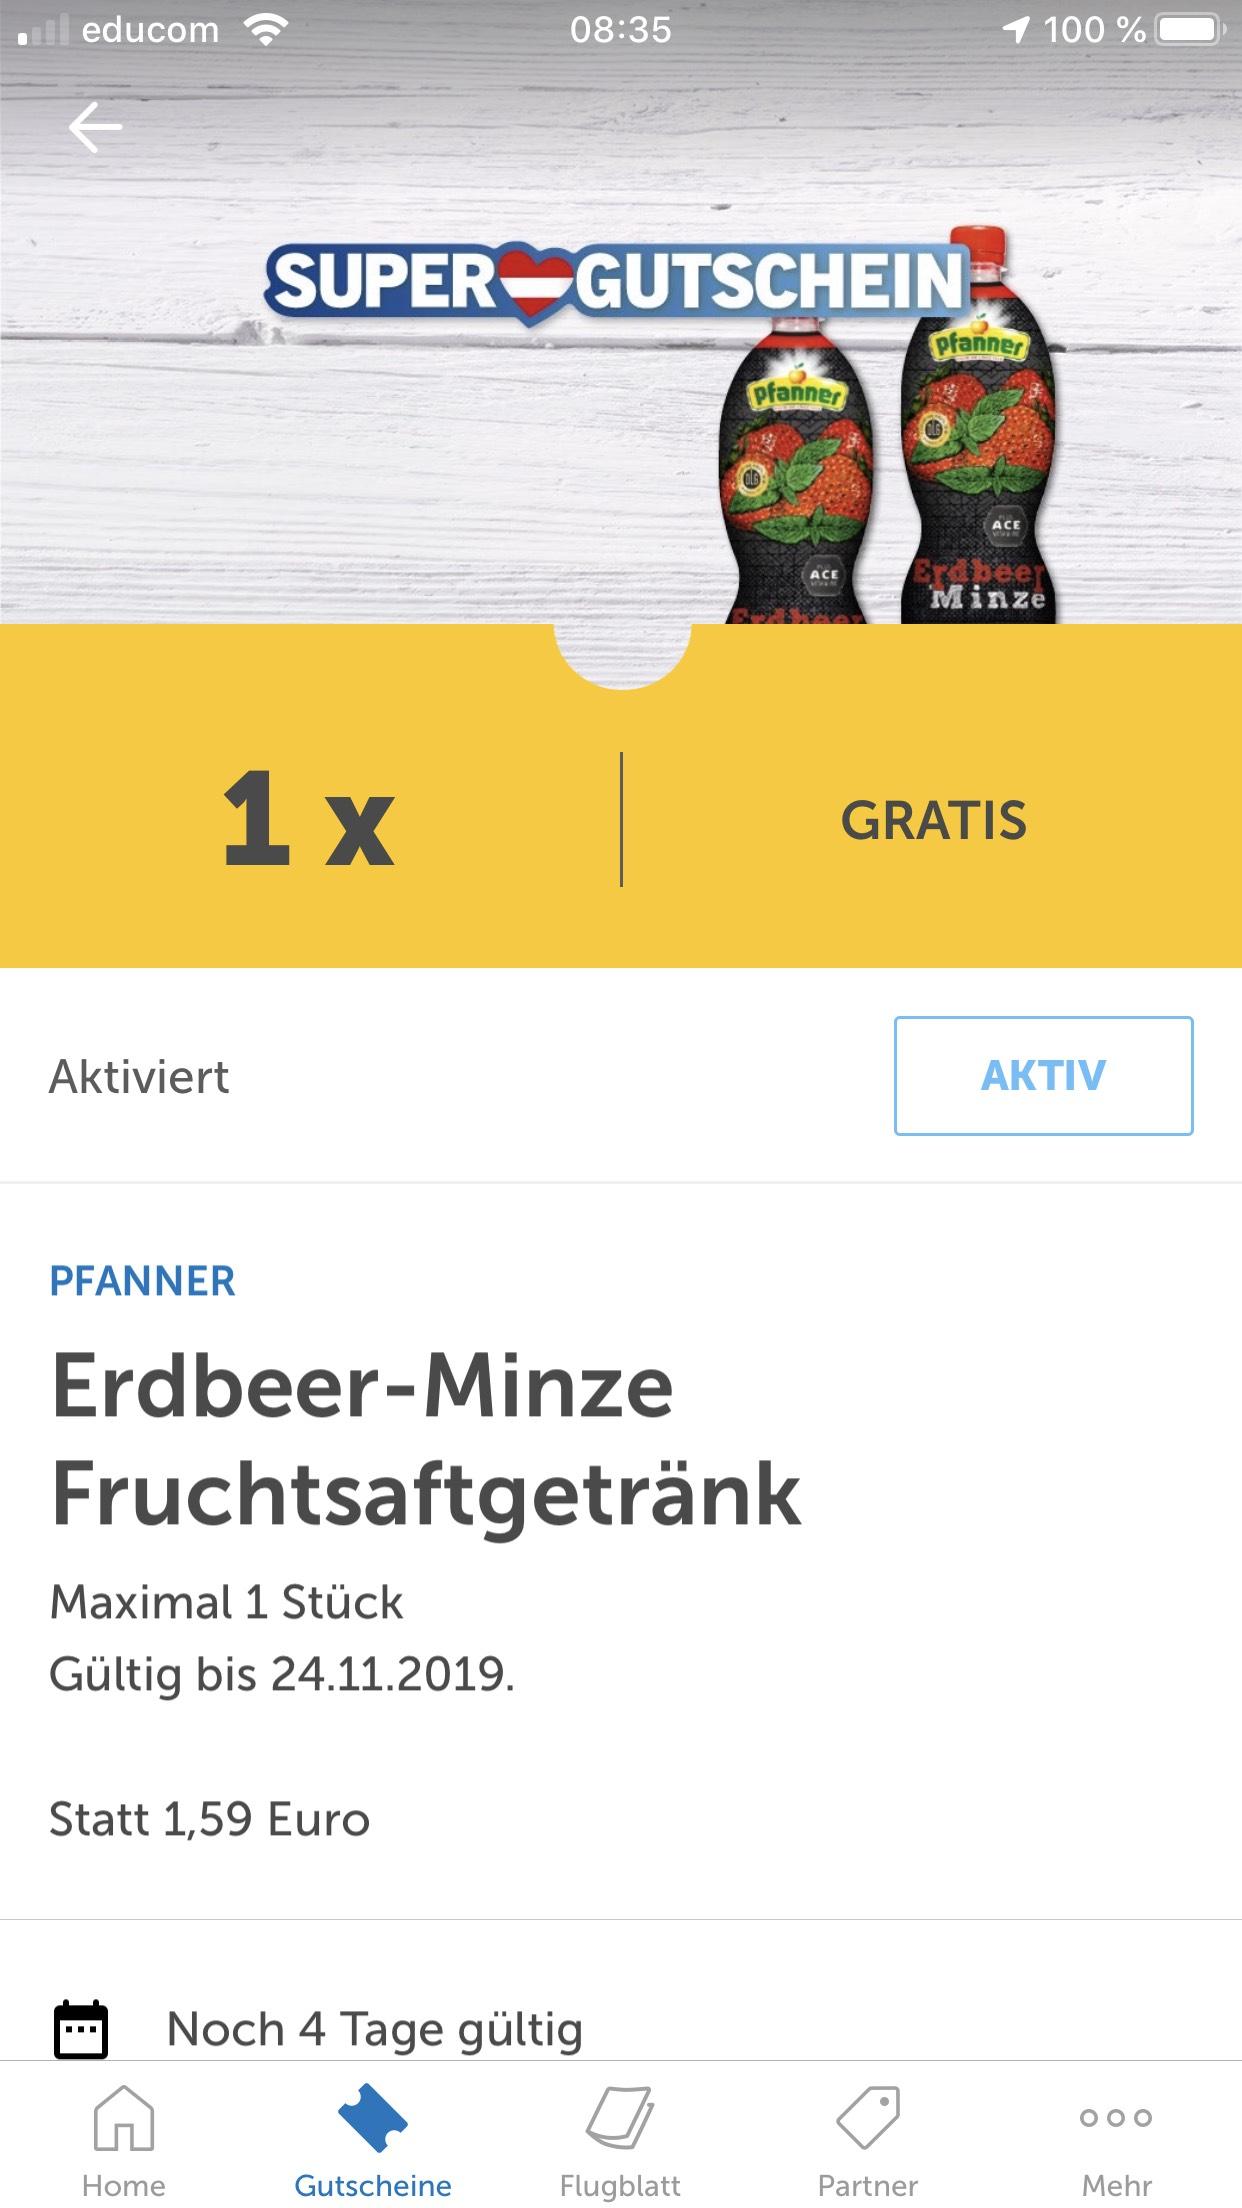 LidlPlus: GRATIS Pfanner Erdbeer - Minze Fruchtsaftgetränk (für ausgewählte Kunden?)